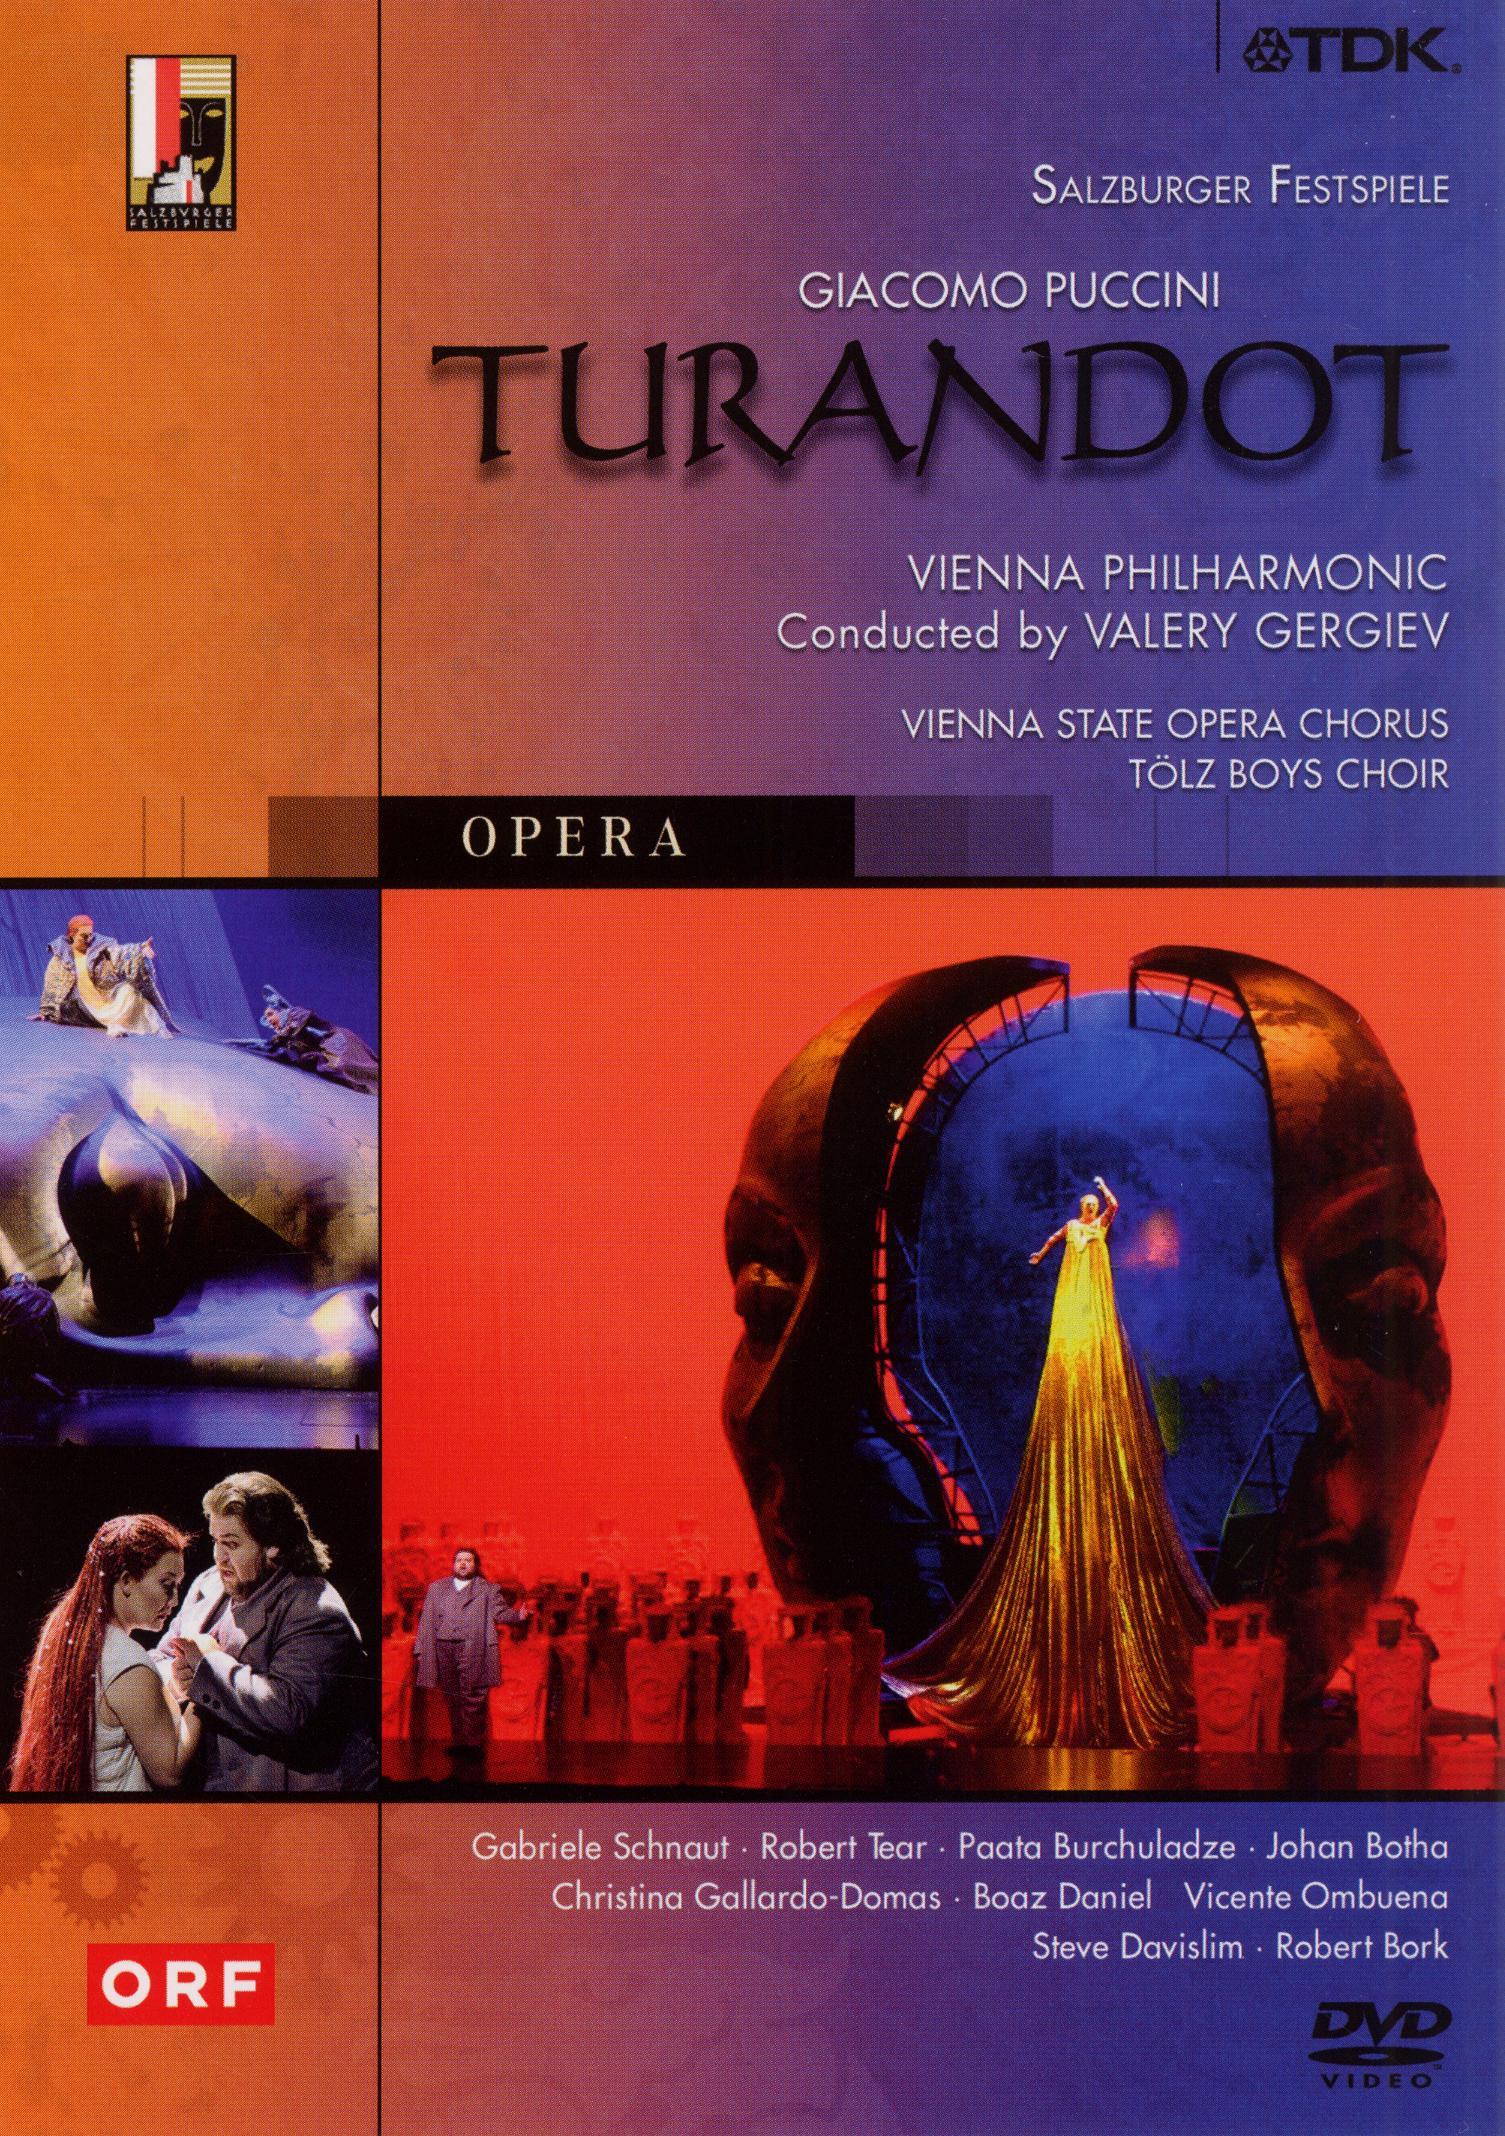 Turandot (Vienna Philharmonic)